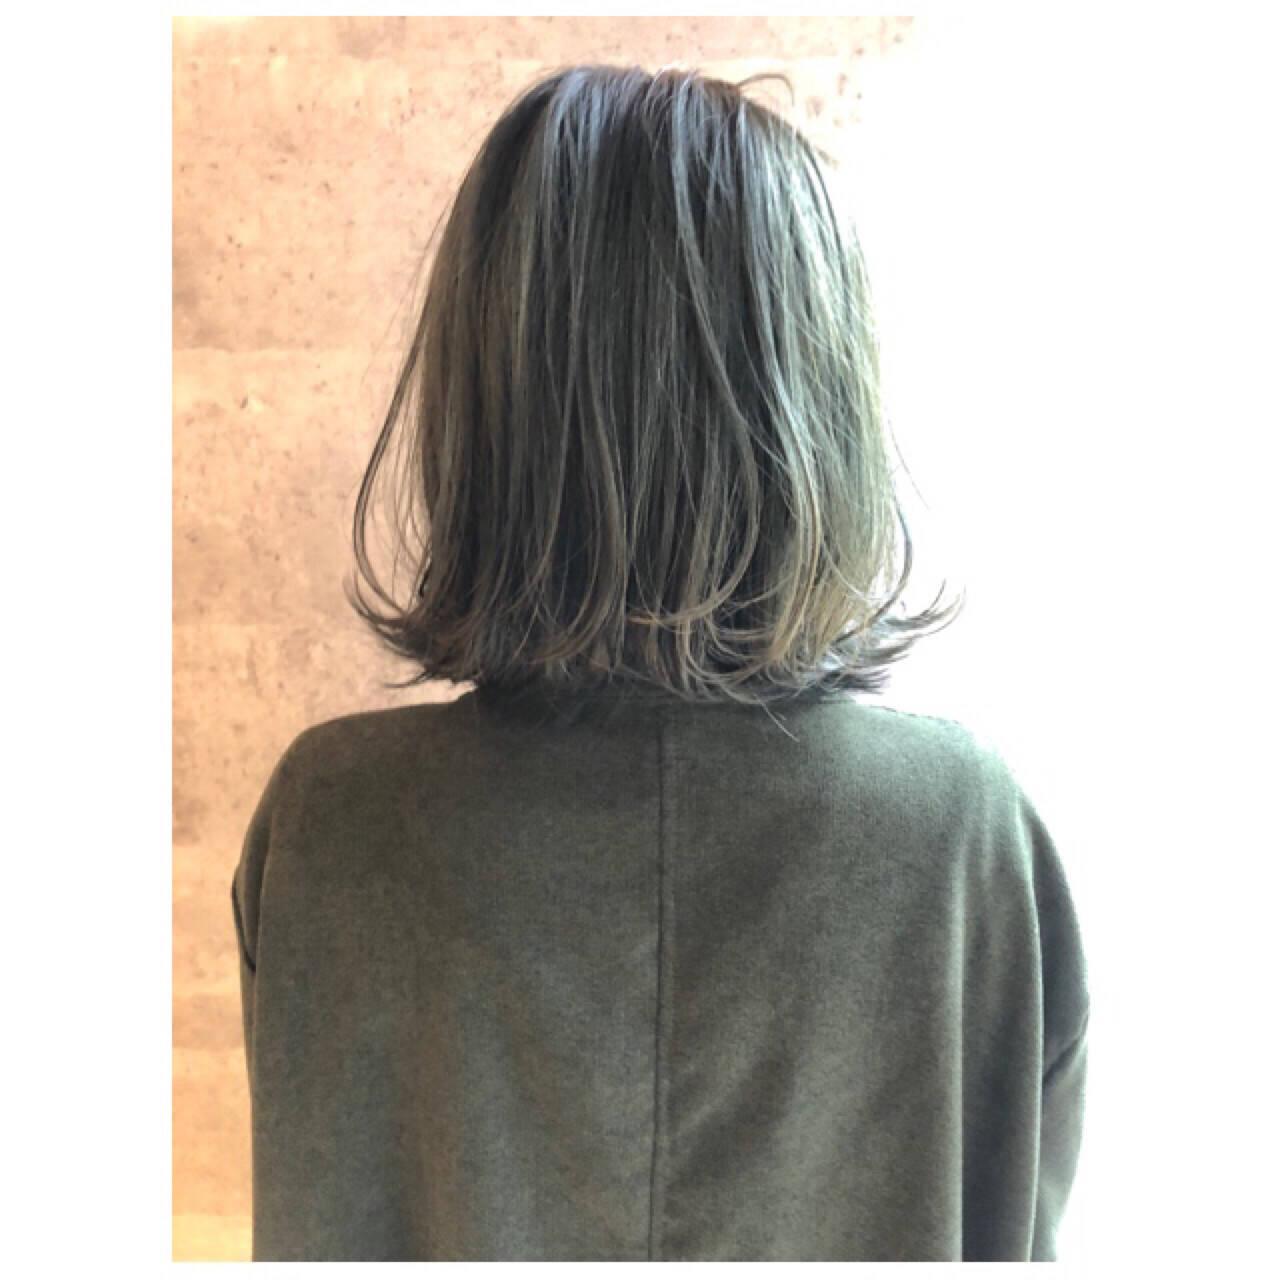 ボブ ナチュラル 外ハネ 大人女子ヘアスタイルや髪型の写真・画像